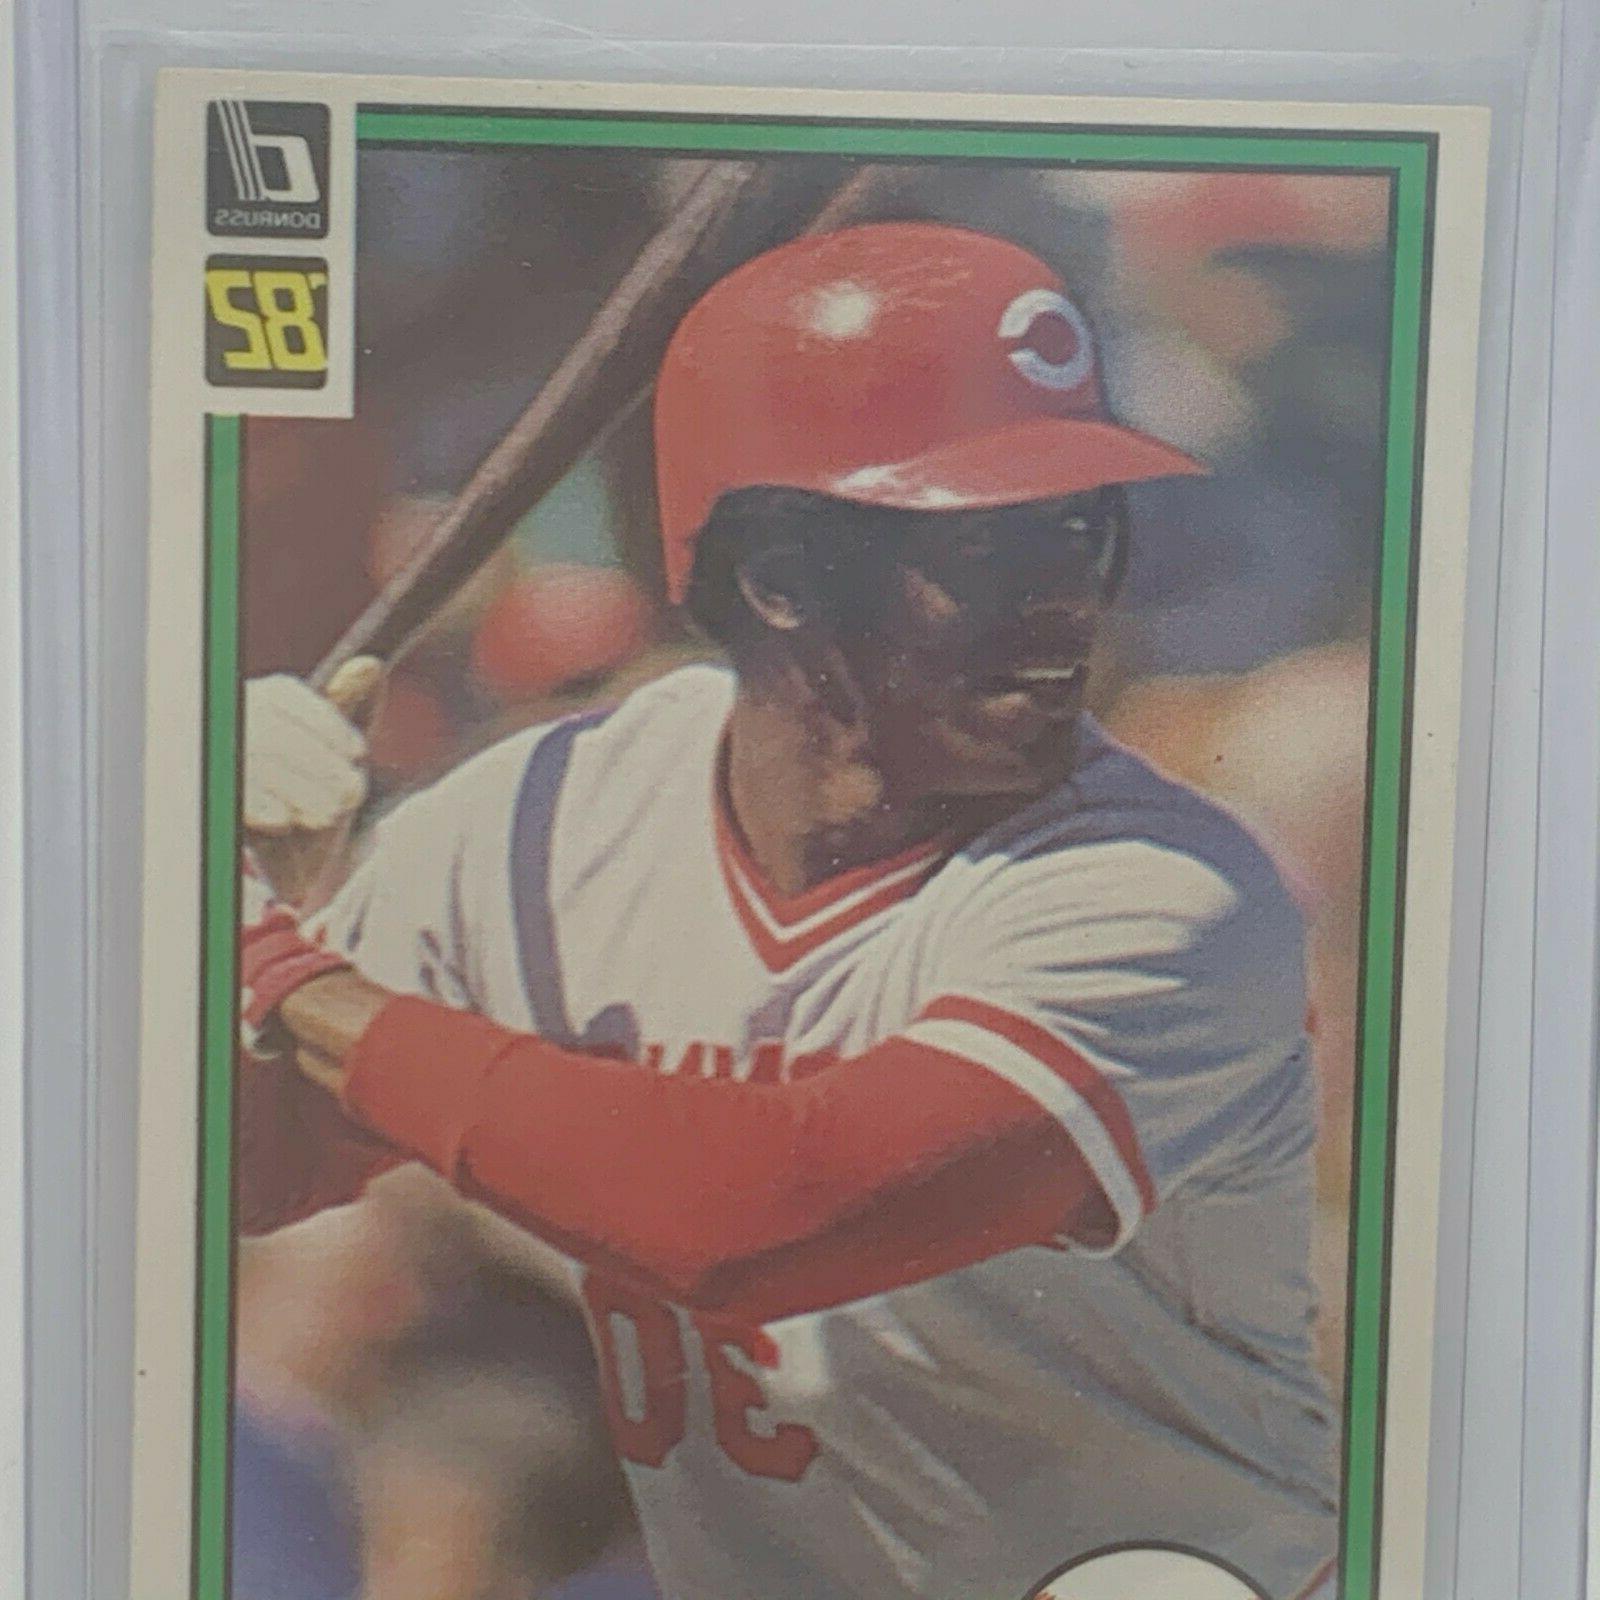 George Ken Griffey Cincinnati Reds Trading Card in